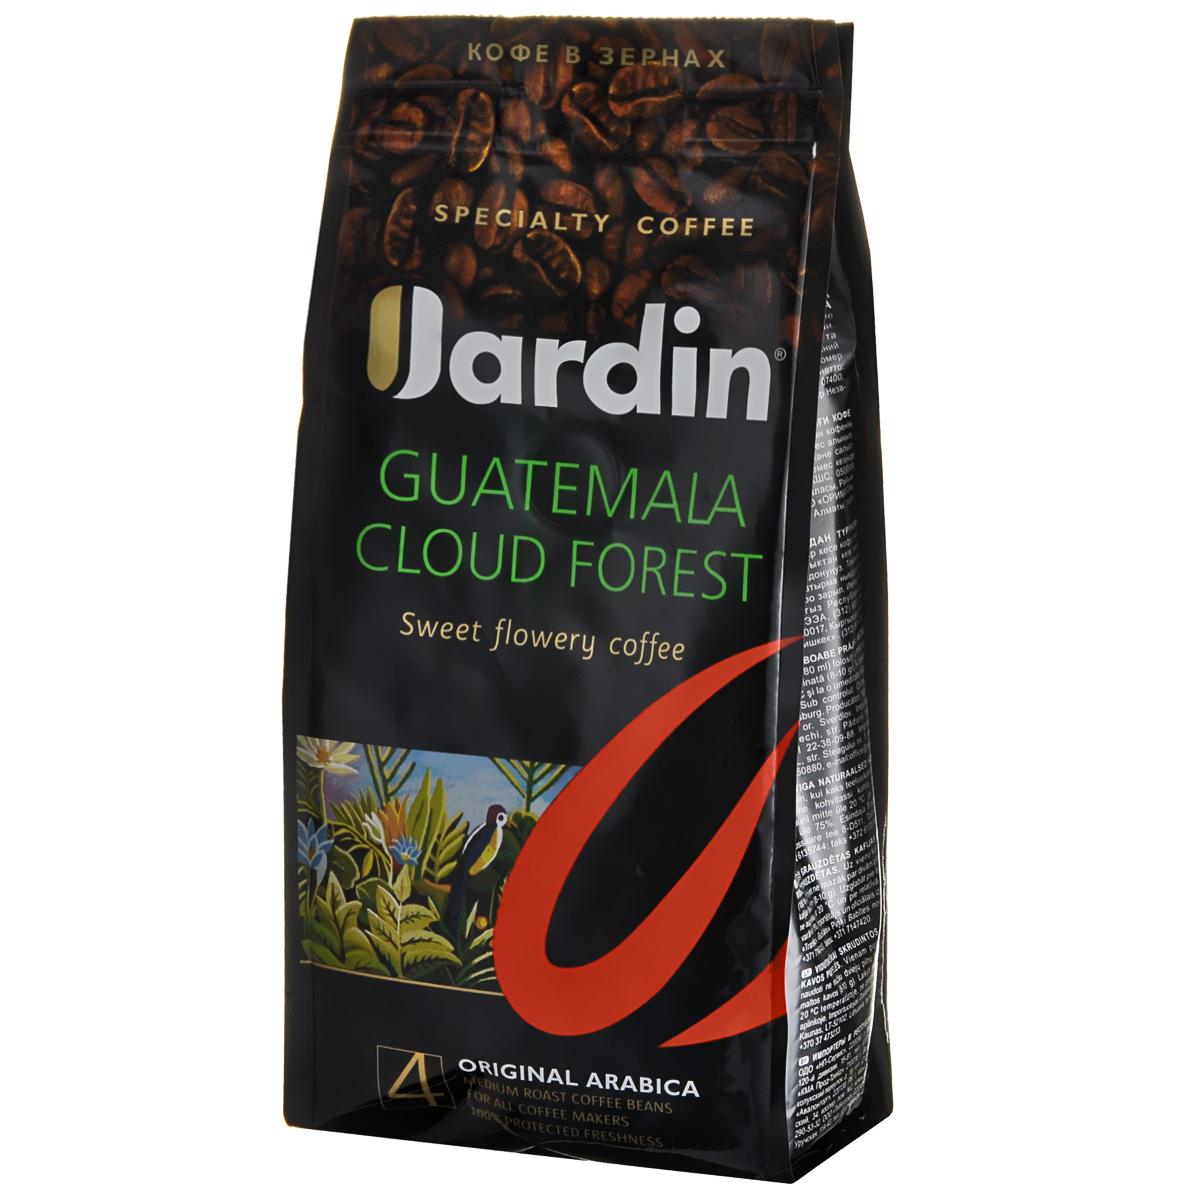 Jardin Guatemala Cloud Forest кофе в зернах, 250 г0566-15Зерновой кофе Jardin Guatemala Cloud Forest отличается своеобразным вкусом - плотным, с тонкой кислинкой и нотами черной смородины, а также долгим послевкусием. Этот сорт кофе выращивают в Гватемале на плодородных почвах вулканического происхождения, во влажном климате субтропических лесов.